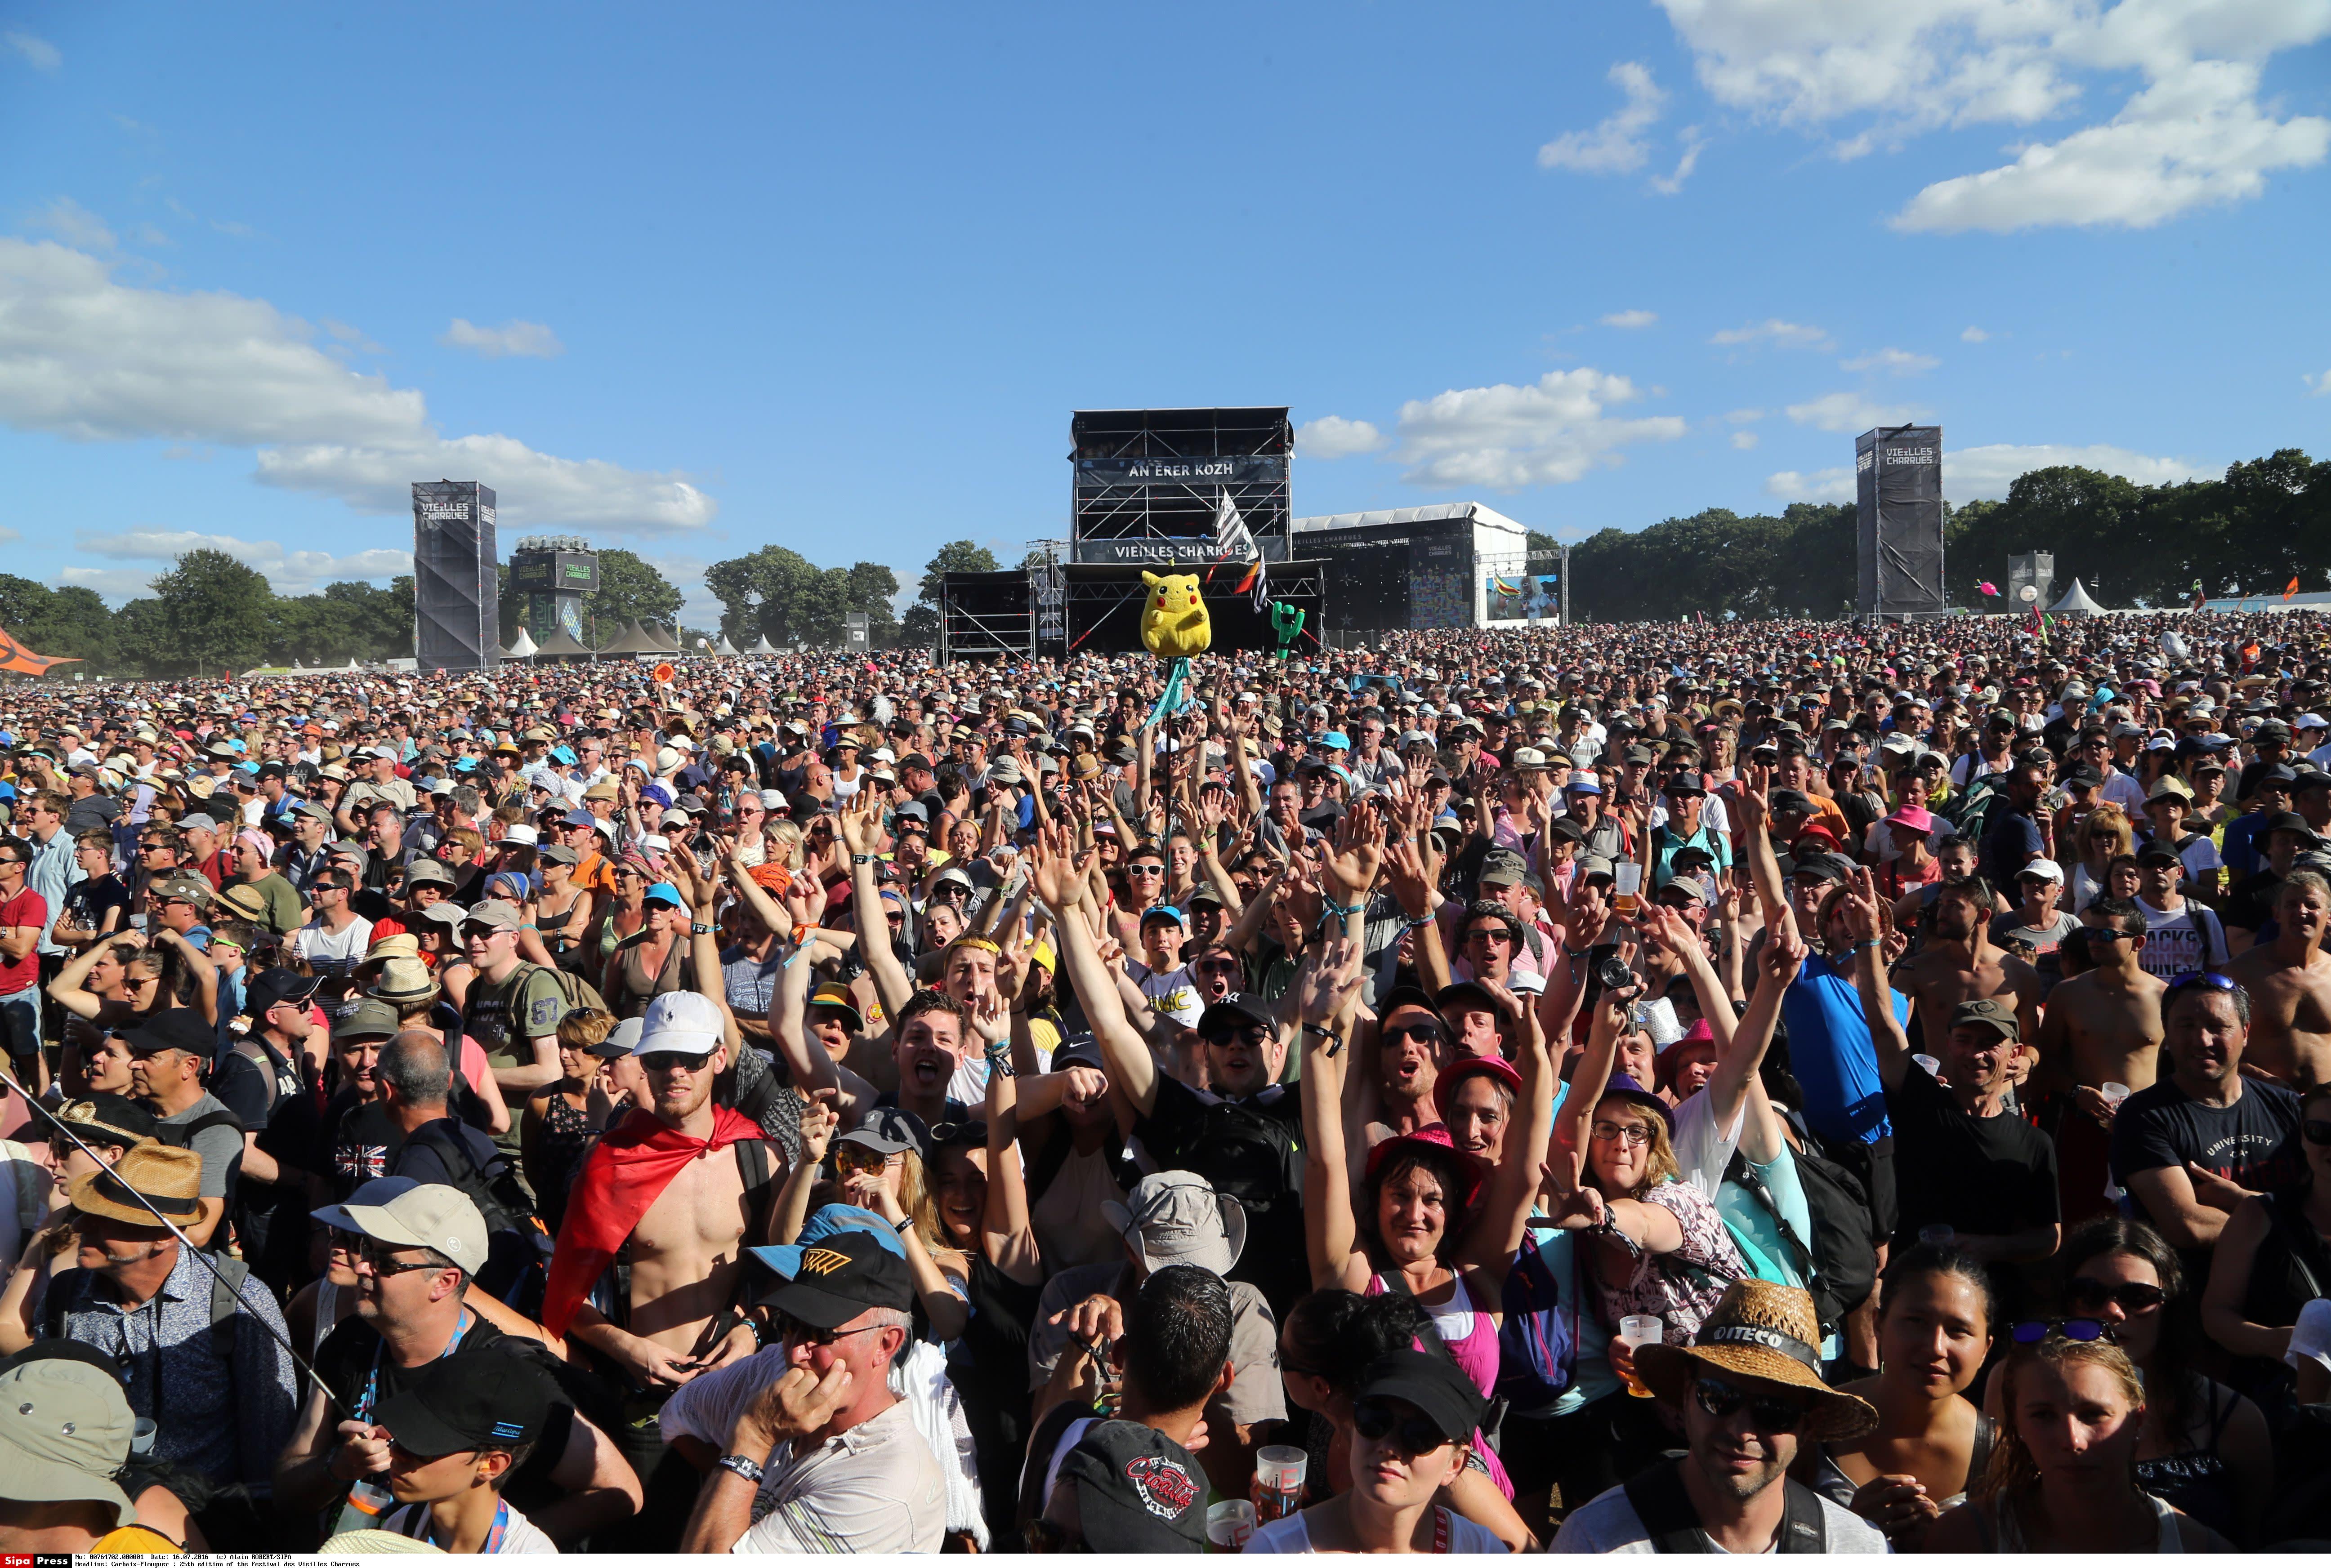 «Mouvement de foule», «accident» et même risque d'attentat: pourquoi l'article25 du texte sécurité globale inquiète les festivals